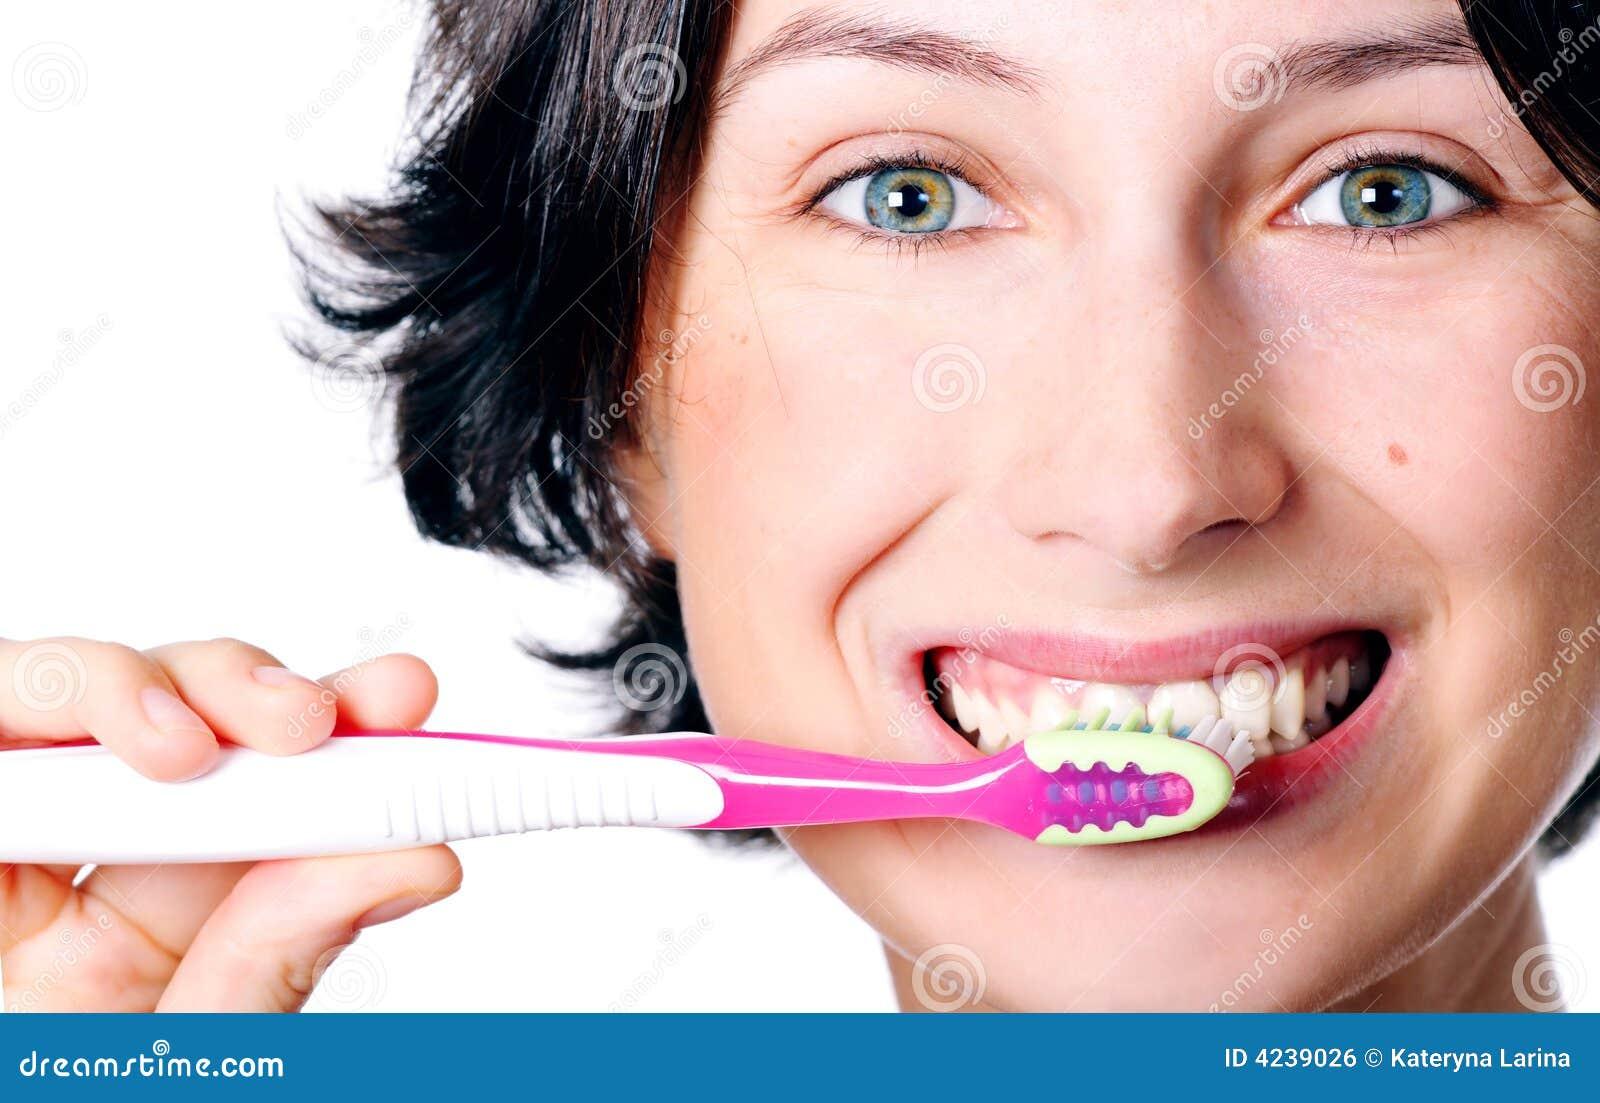 Nenhum dentista